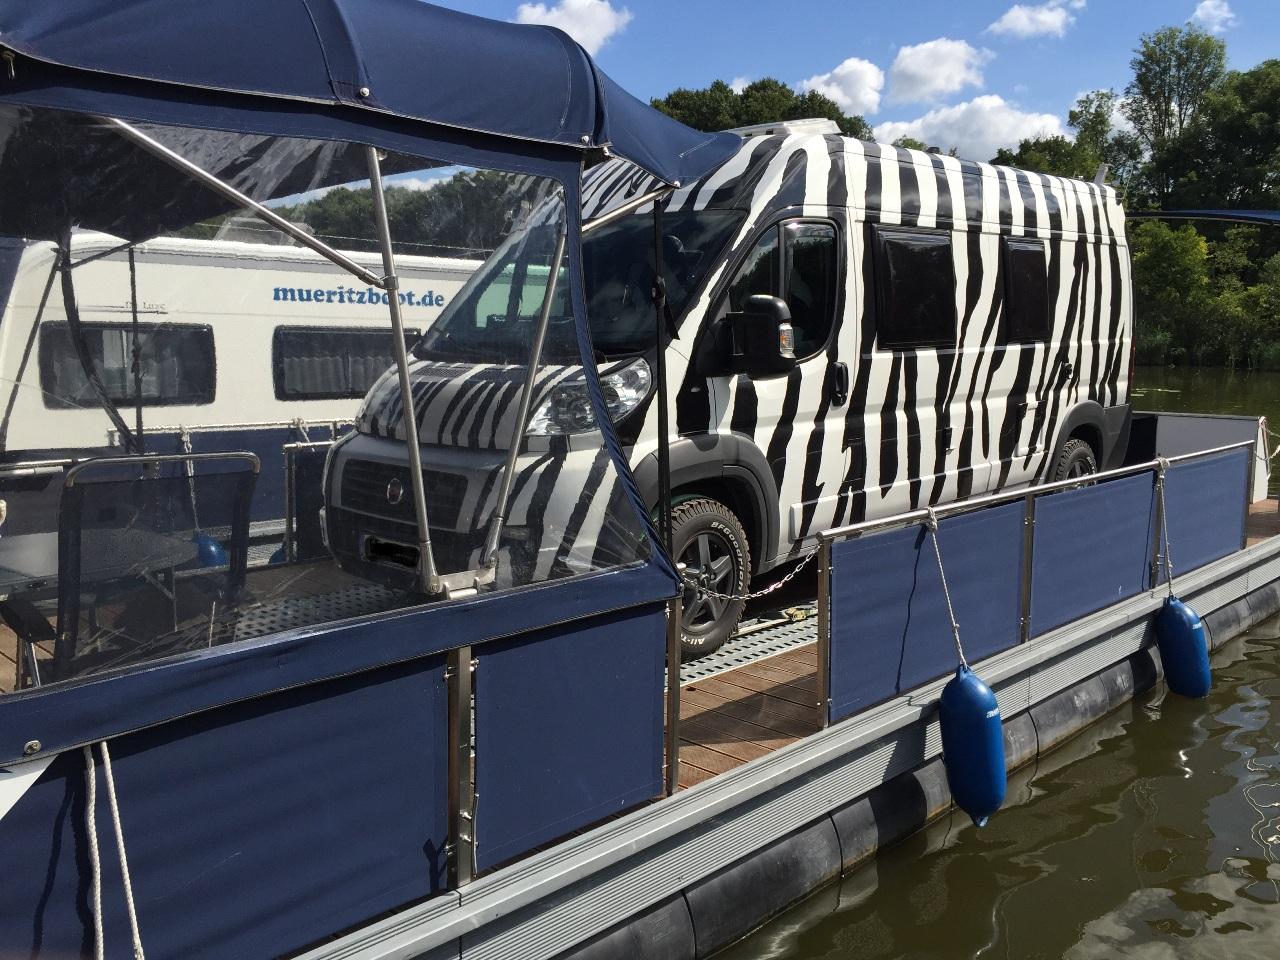 Wasser-Camper | Camping auf dem Wasser mit dem eigenen Wohnmobil